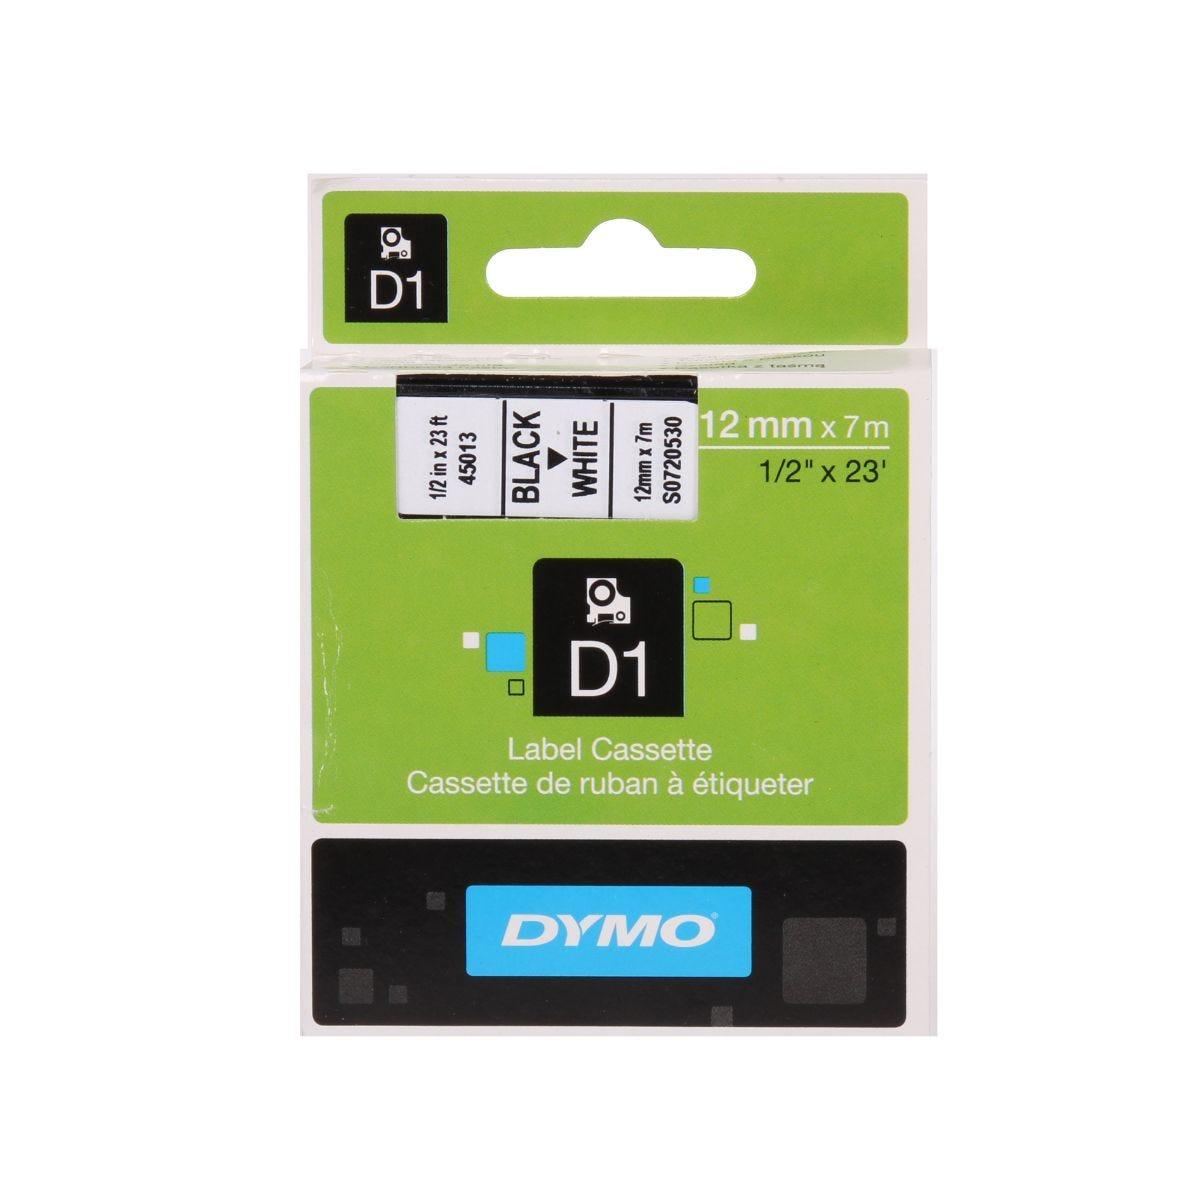 Dymo D1 1000 Tape 12mm Black on White, Black/White